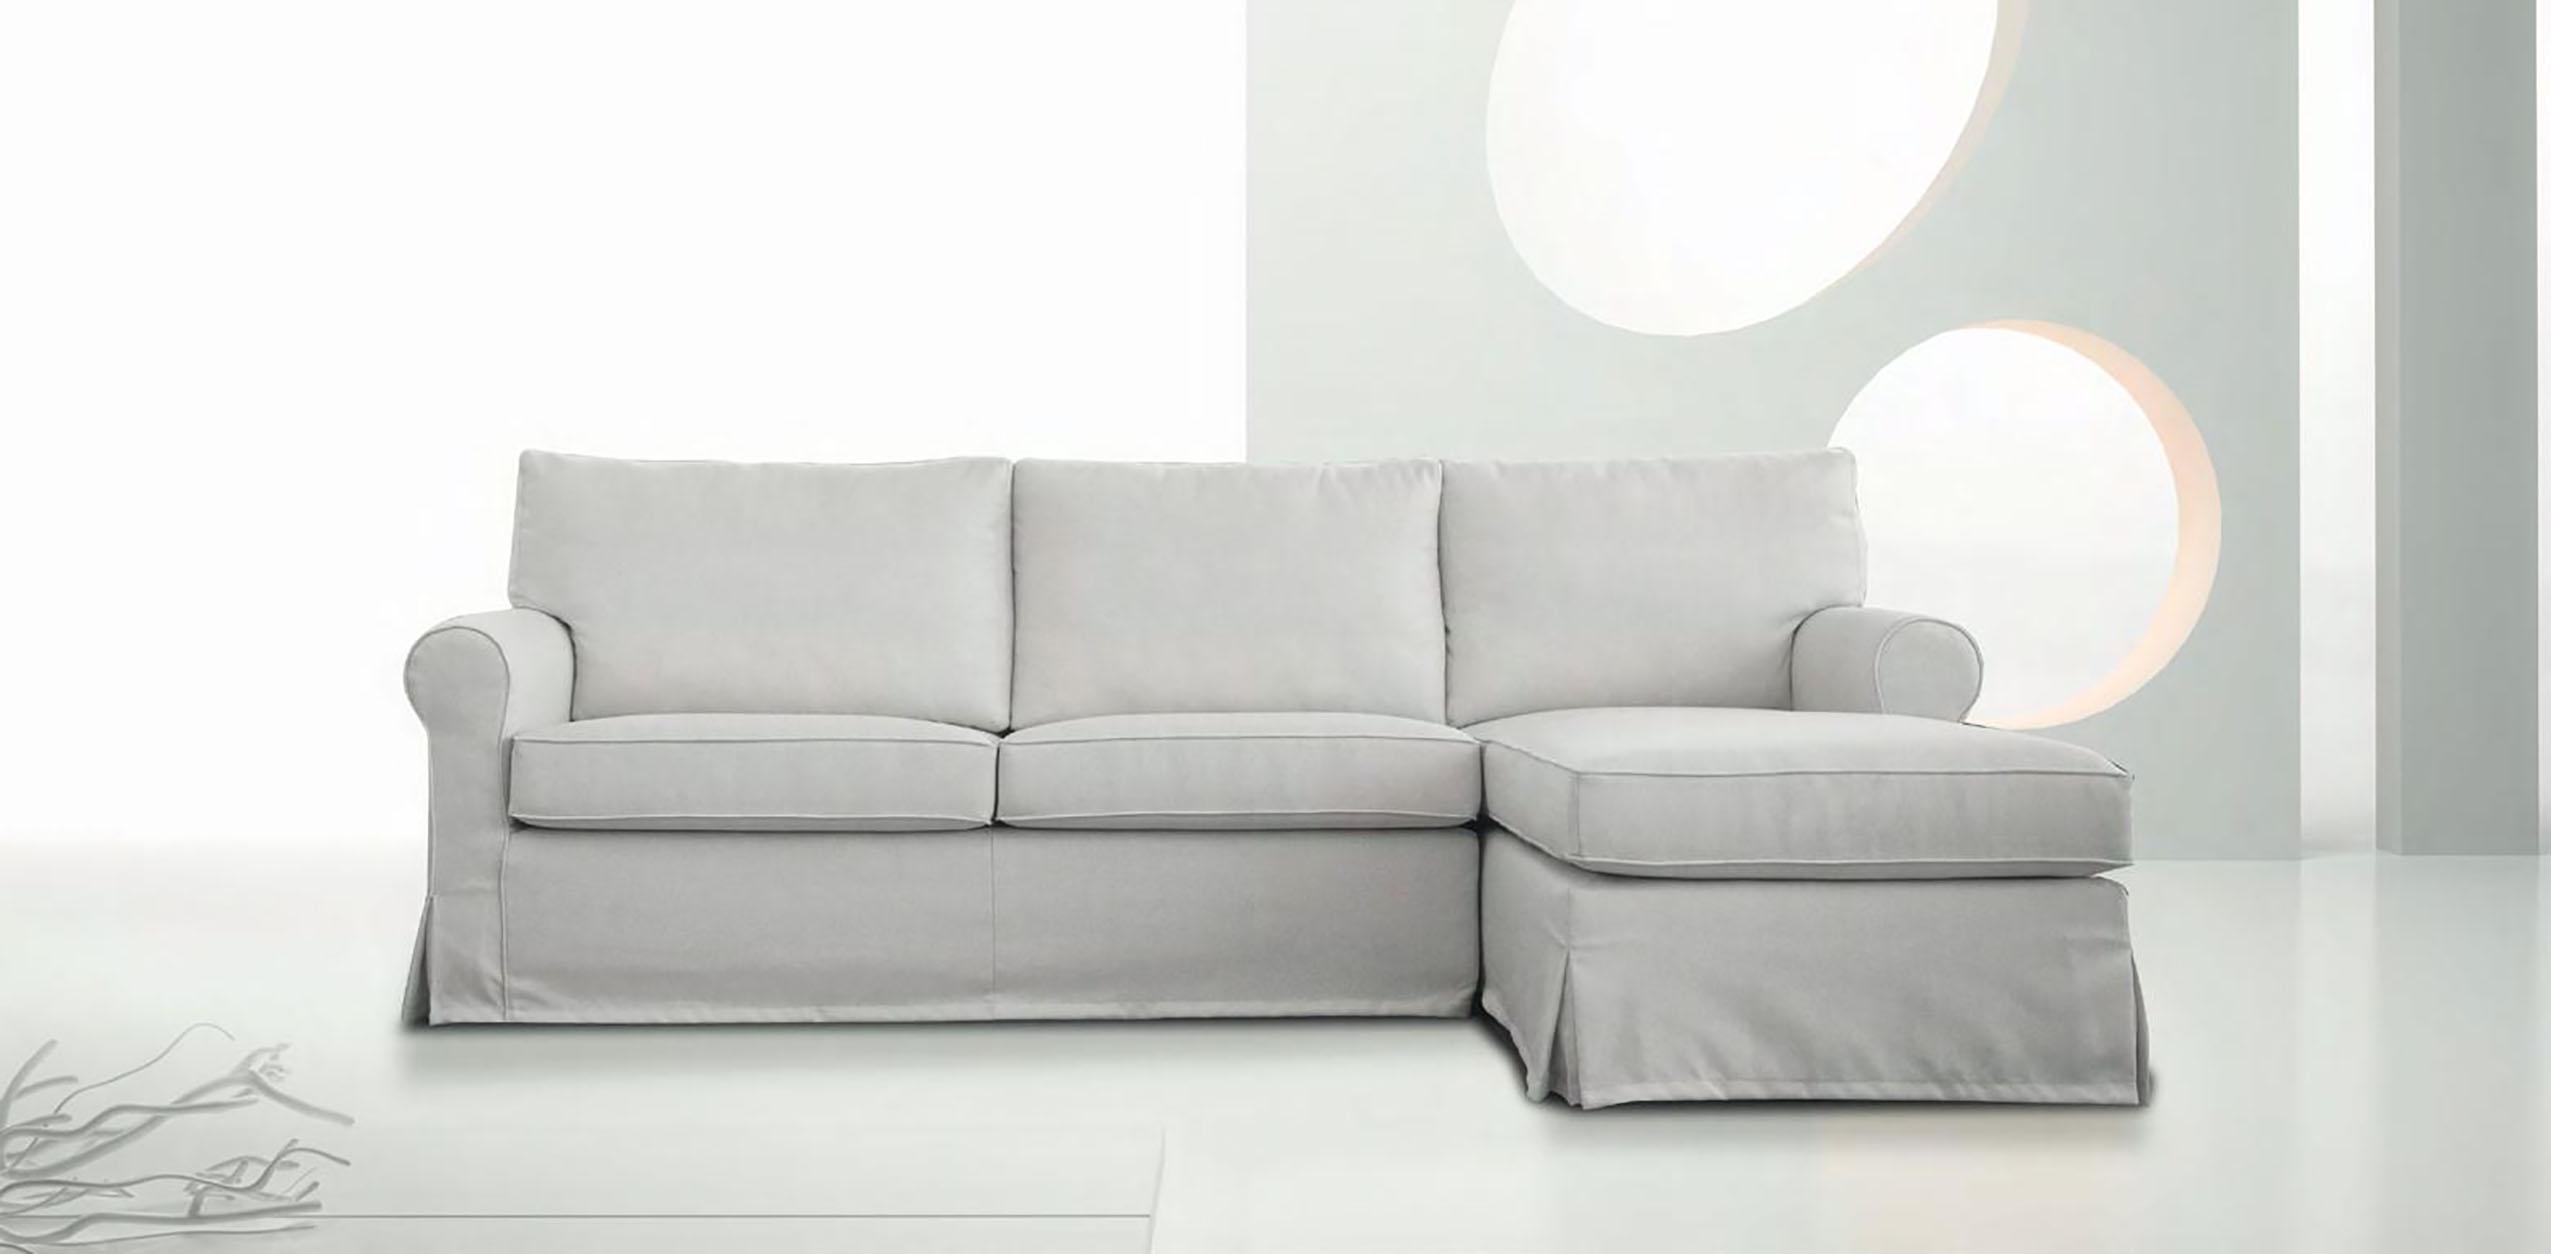 Divano con chaise longue in tessuto modello vintage errebi - Divano con chaise longue ...